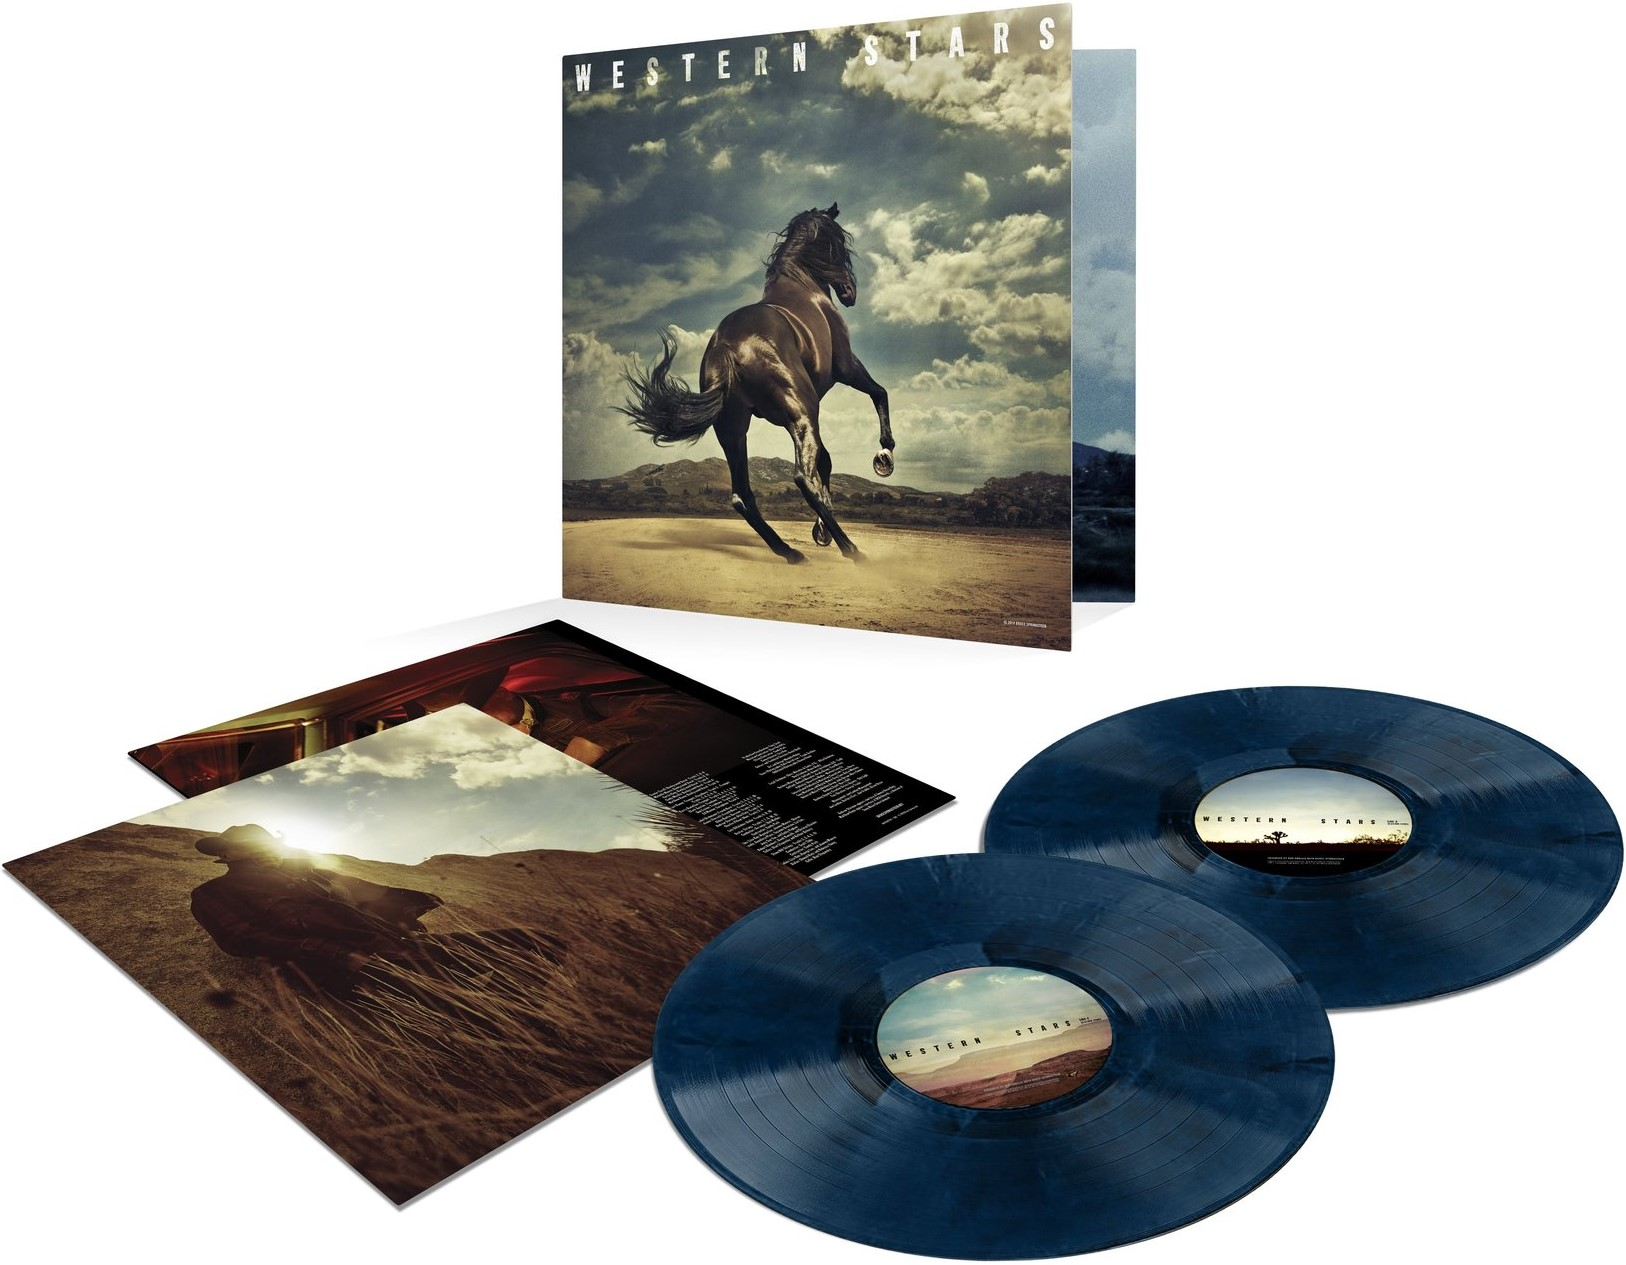 """Western Stars"""" är Springsteens 19:e studioalbum."""